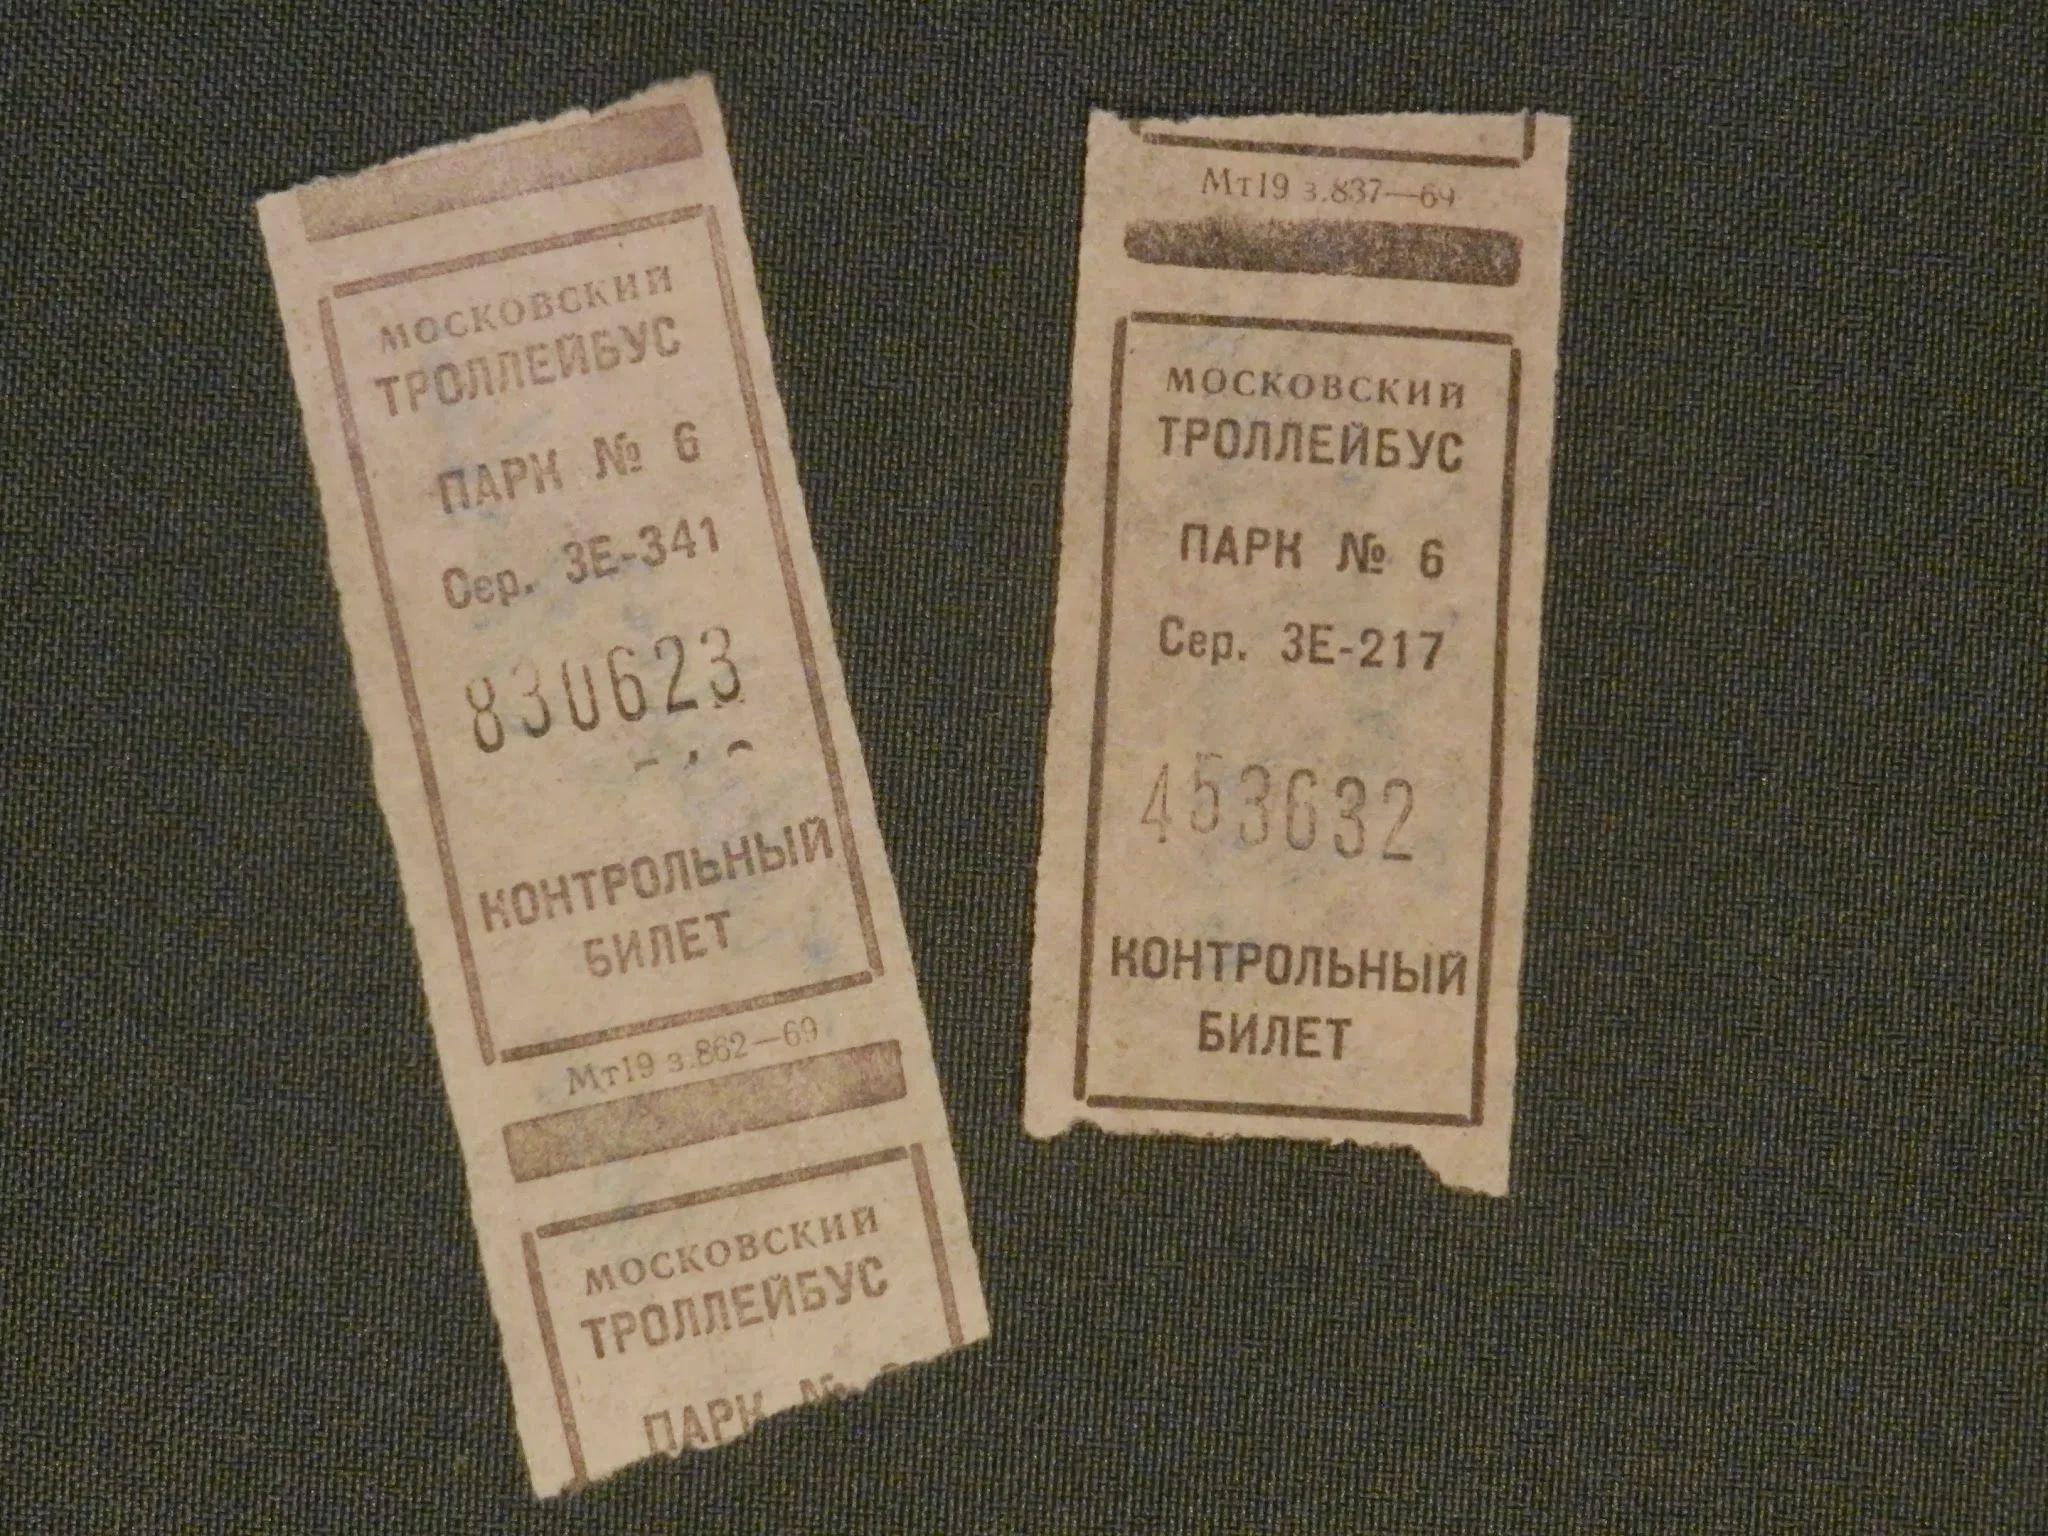 Я еду на крытый рынок на троллейбусе. При посадке покупаешь бумажный билет, бросая деньги в мусорное ведро из плексигласа (чтобы все могли видеть, что вы заплатили)